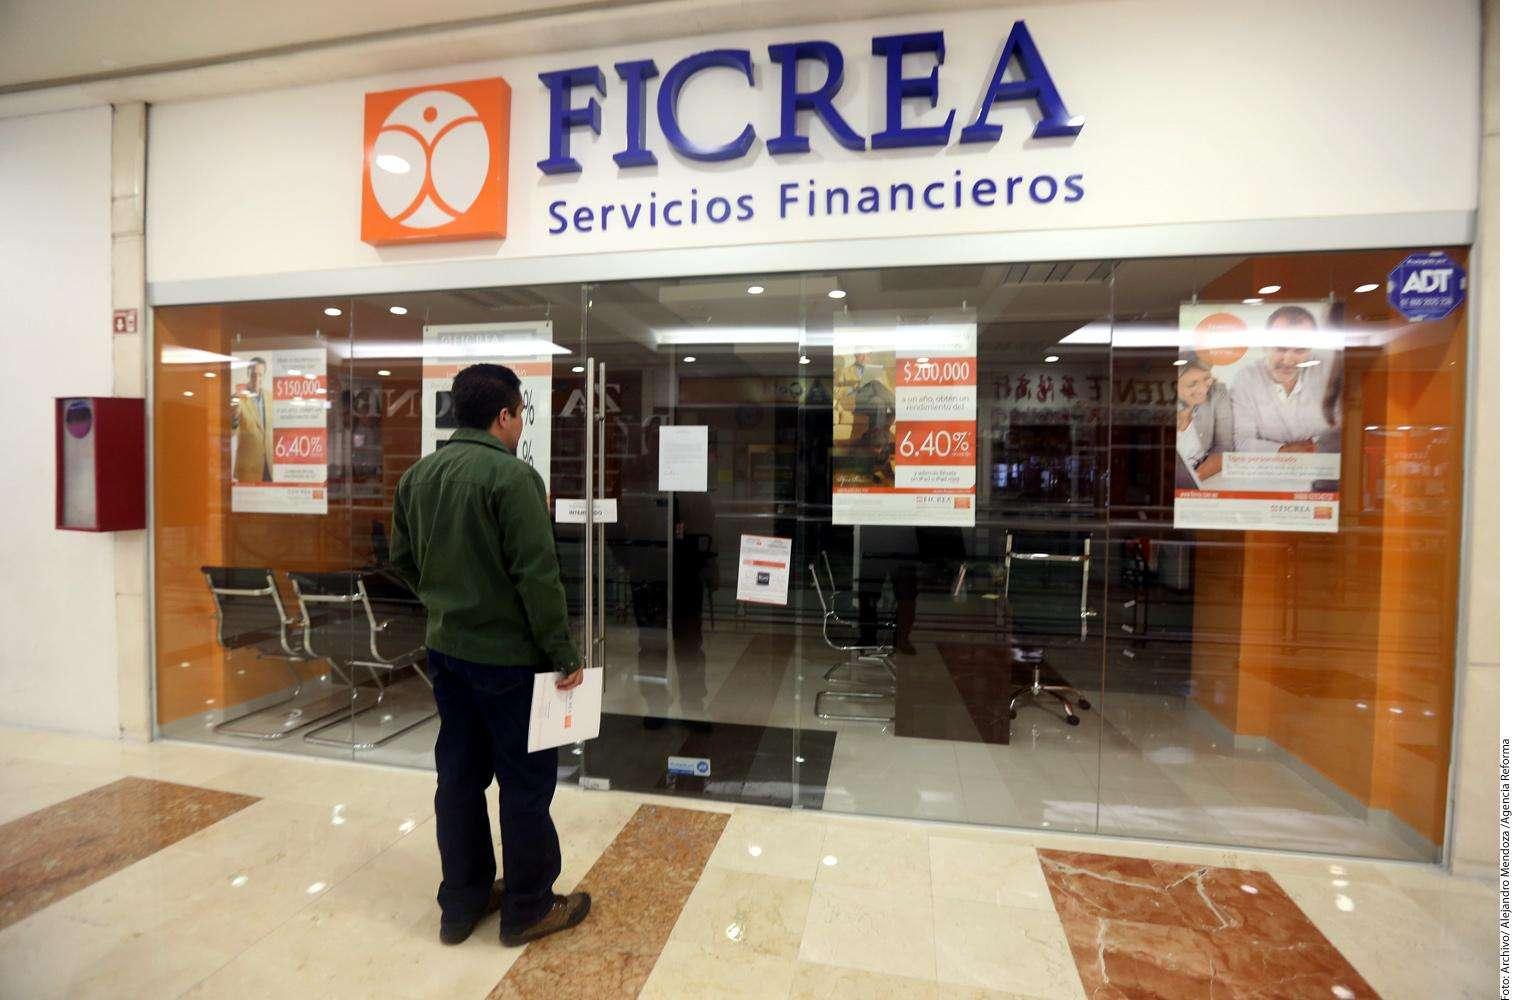 Ficrea Foto: Agencia Reforma